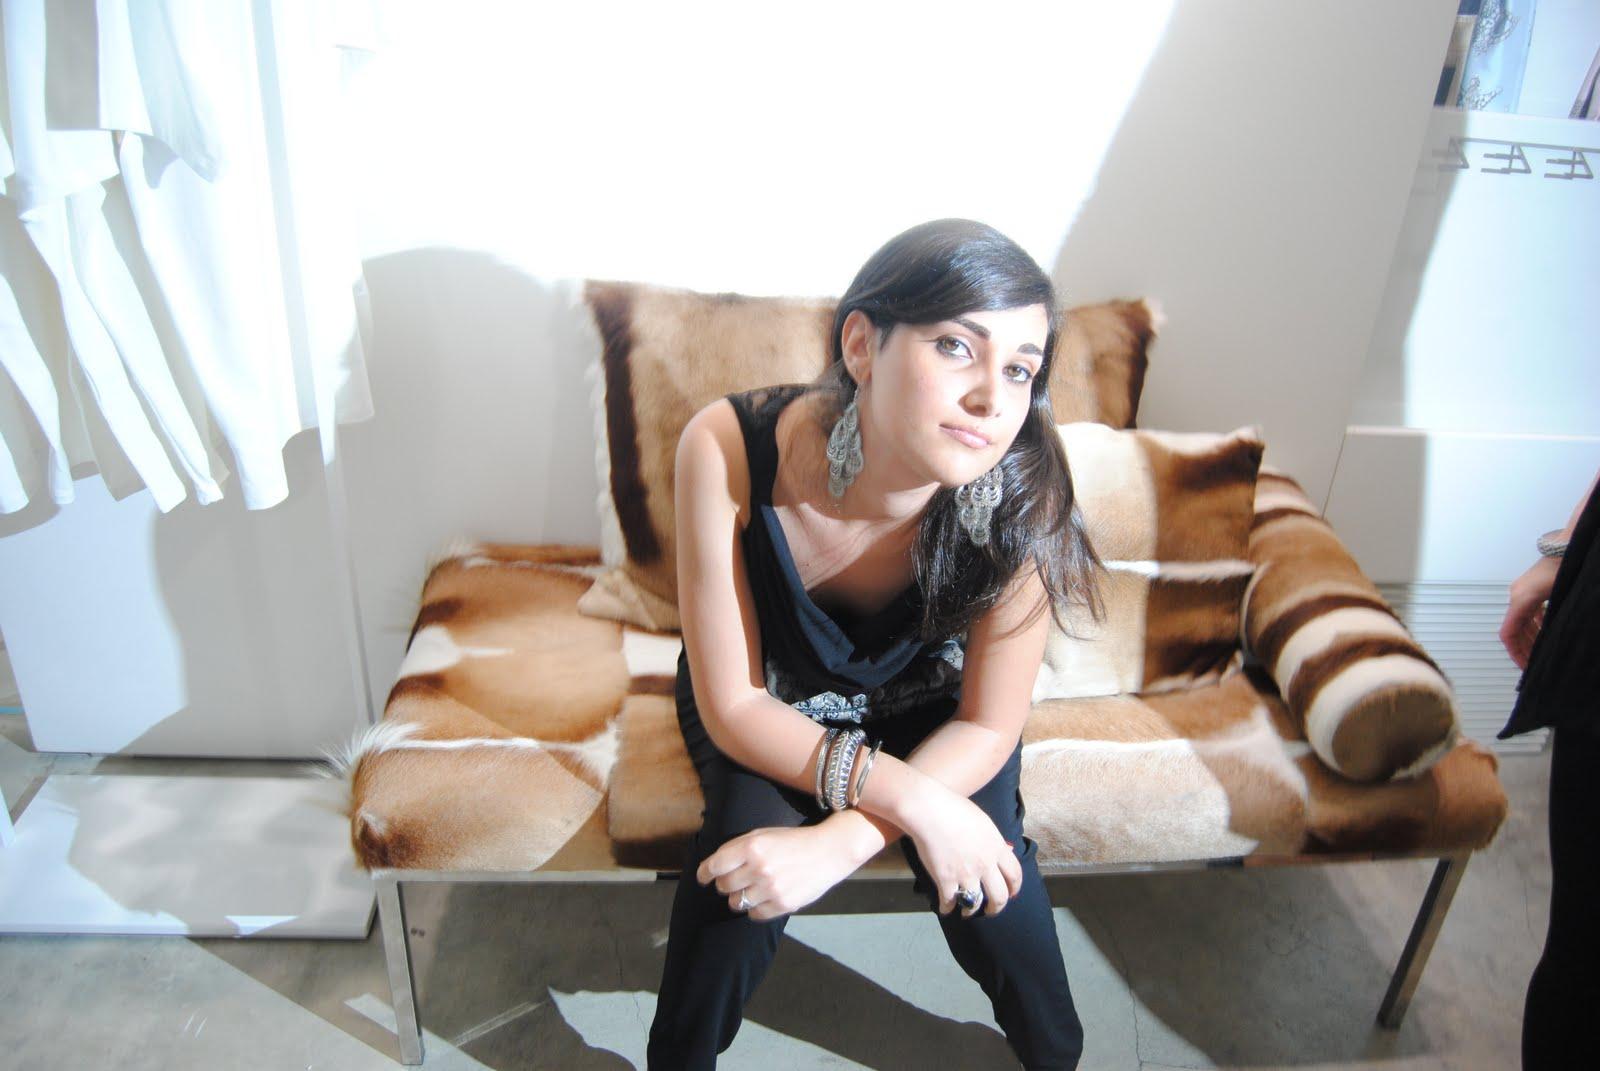 Vogue and trend LuisaViaRoma party